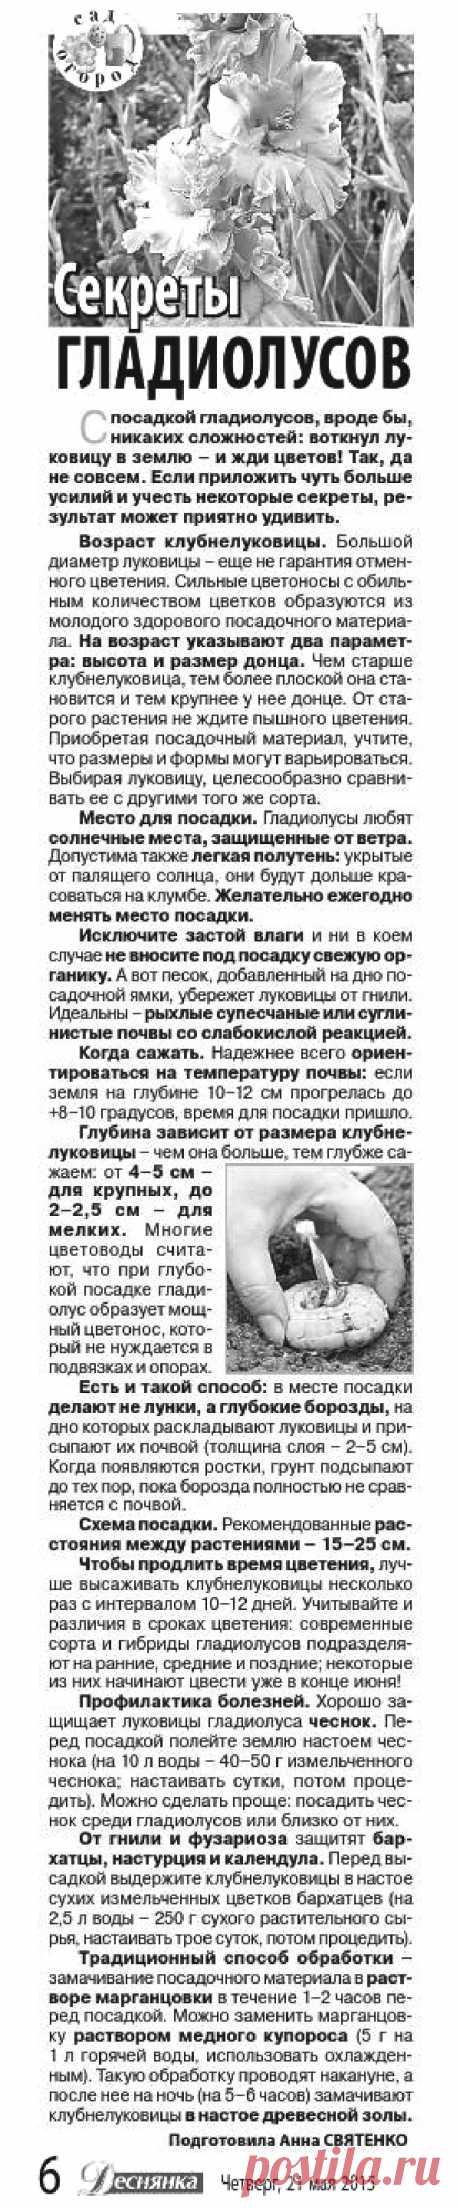 Секреты гладиолусов